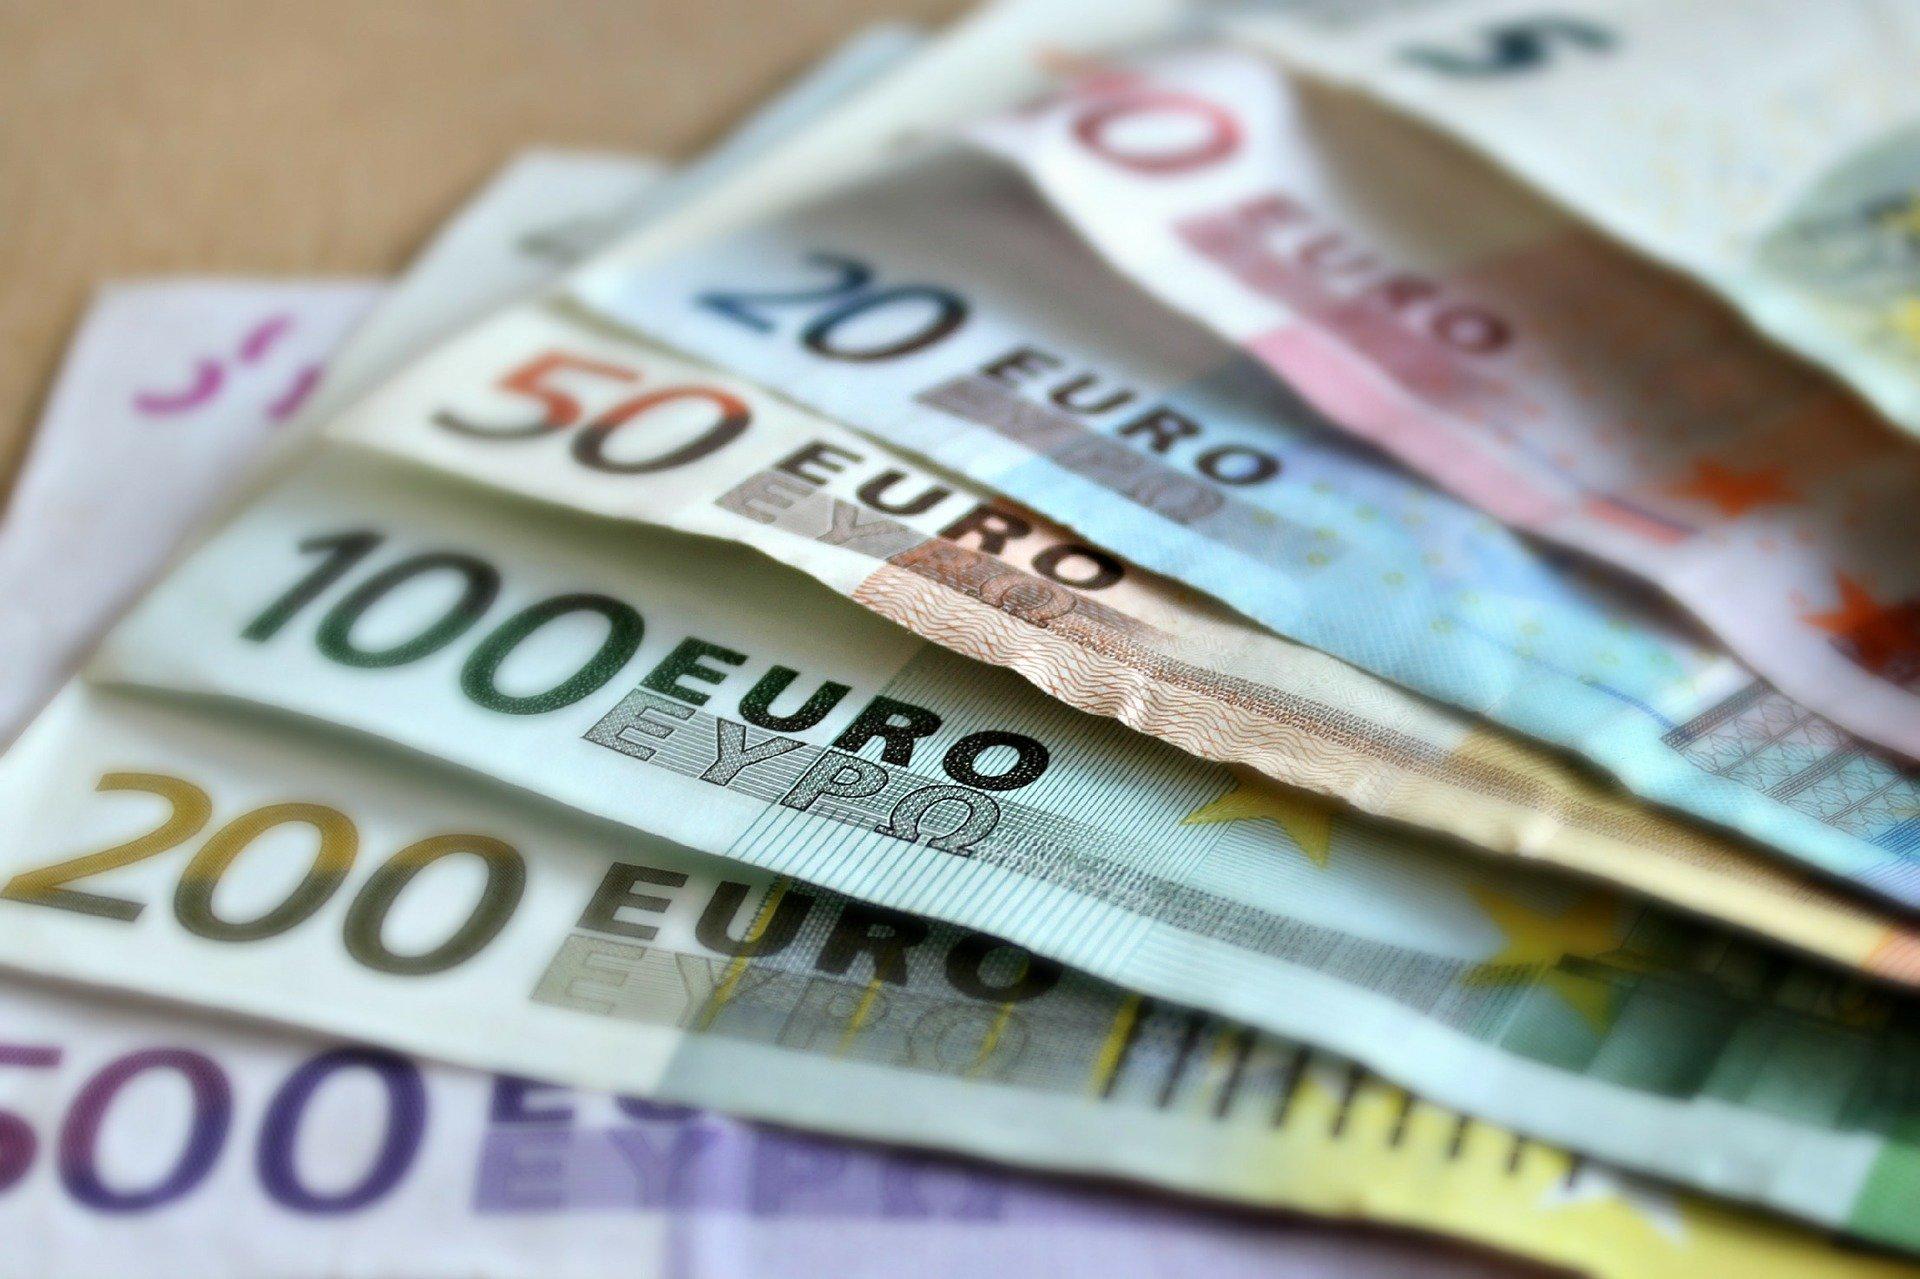 Quels sont les tarifs des cartes bancaires BNP ?